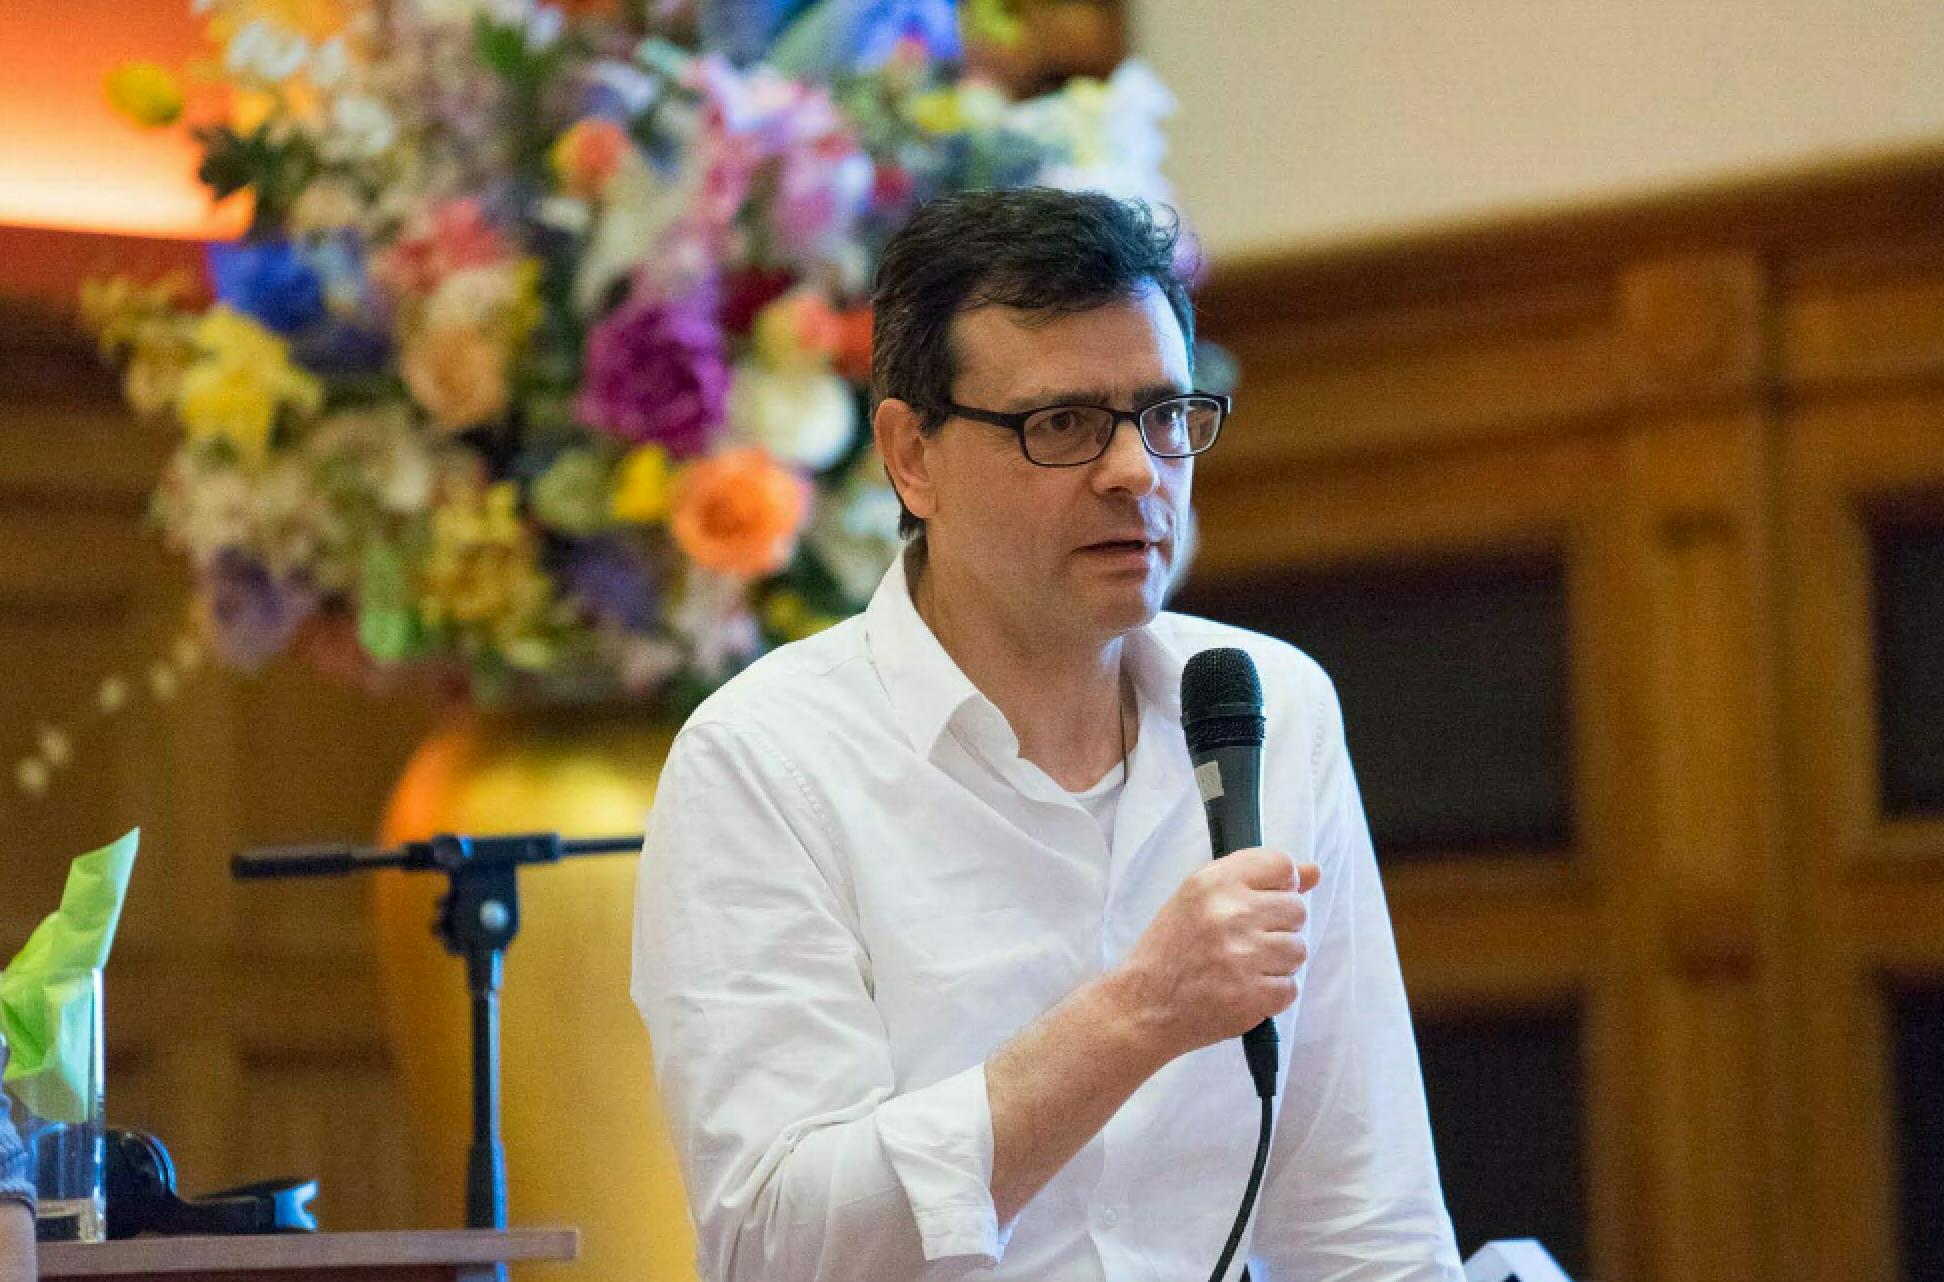 Philip, Sieben Punkte des Geistestraining, Dharma Mati Berlin (Mai 2018)